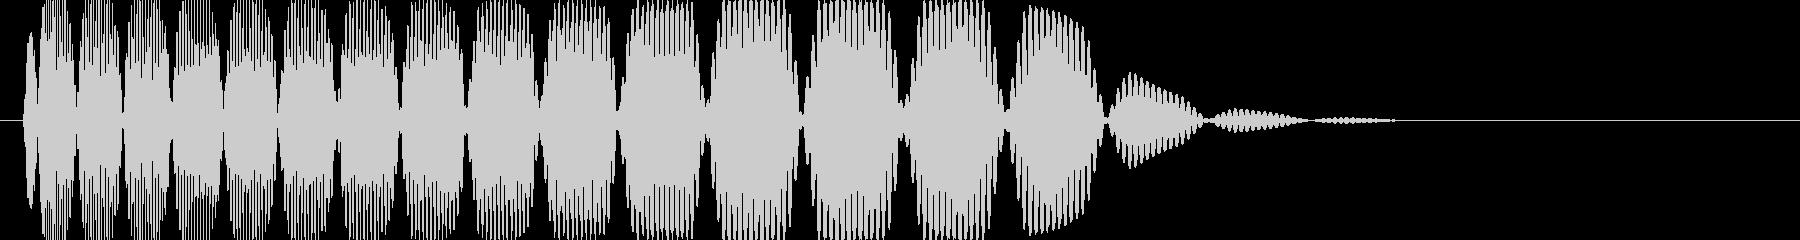 爆発・衝撃波・ソニックブーム9の未再生の波形